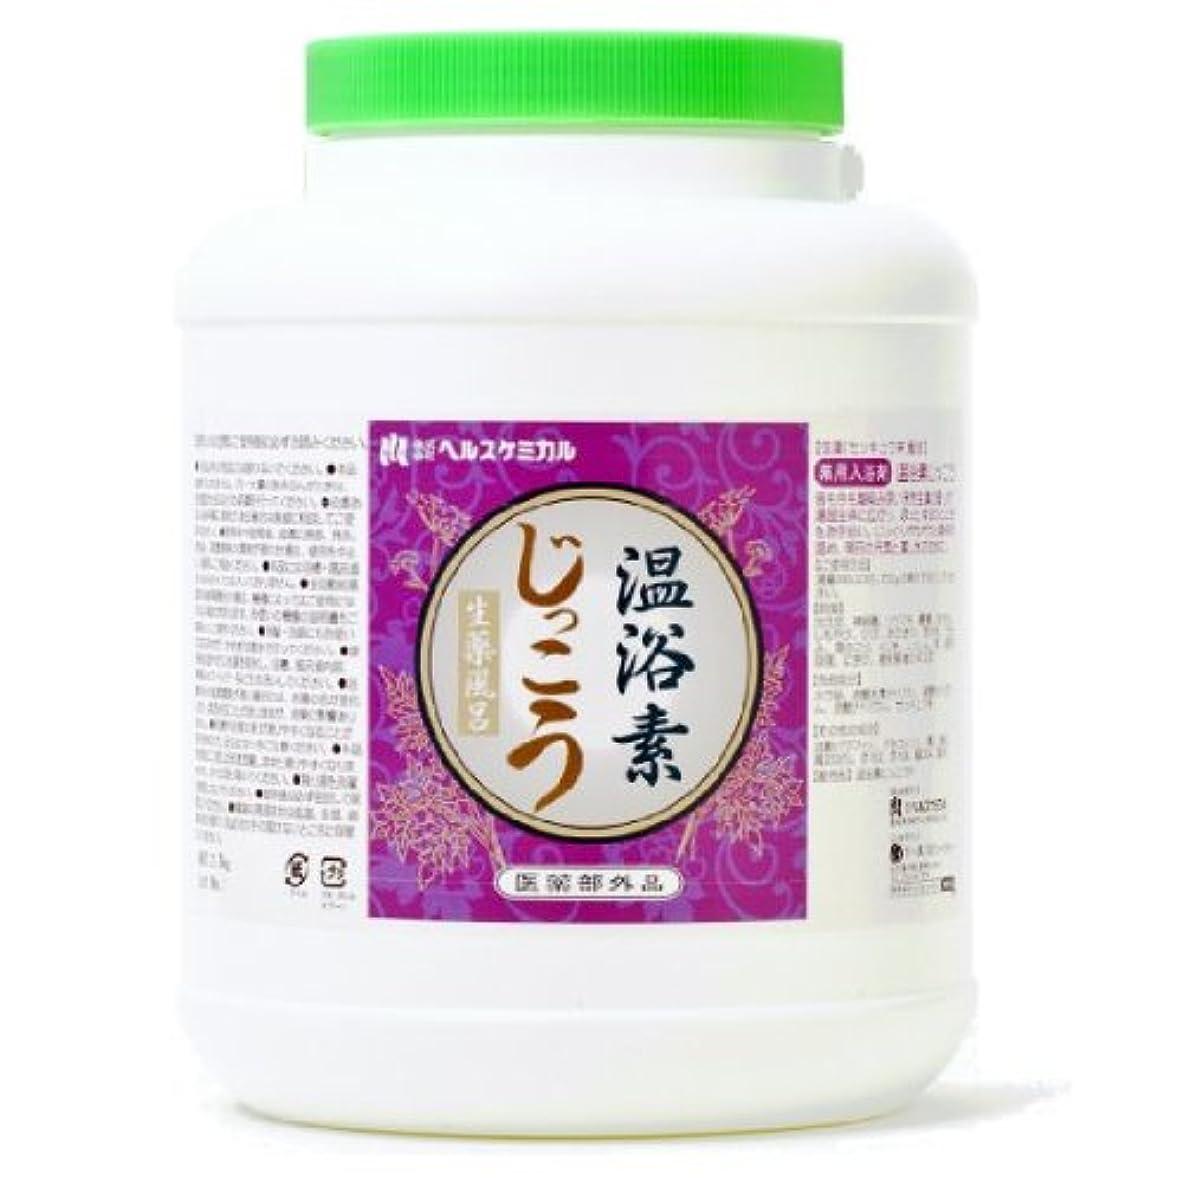 お風呂聴くオープニング温浴素 じっこう 2.5kg 約125回分 粉末 生薬 薬湯 医薬部外品 ロングセラー 天然生薬 の 香り